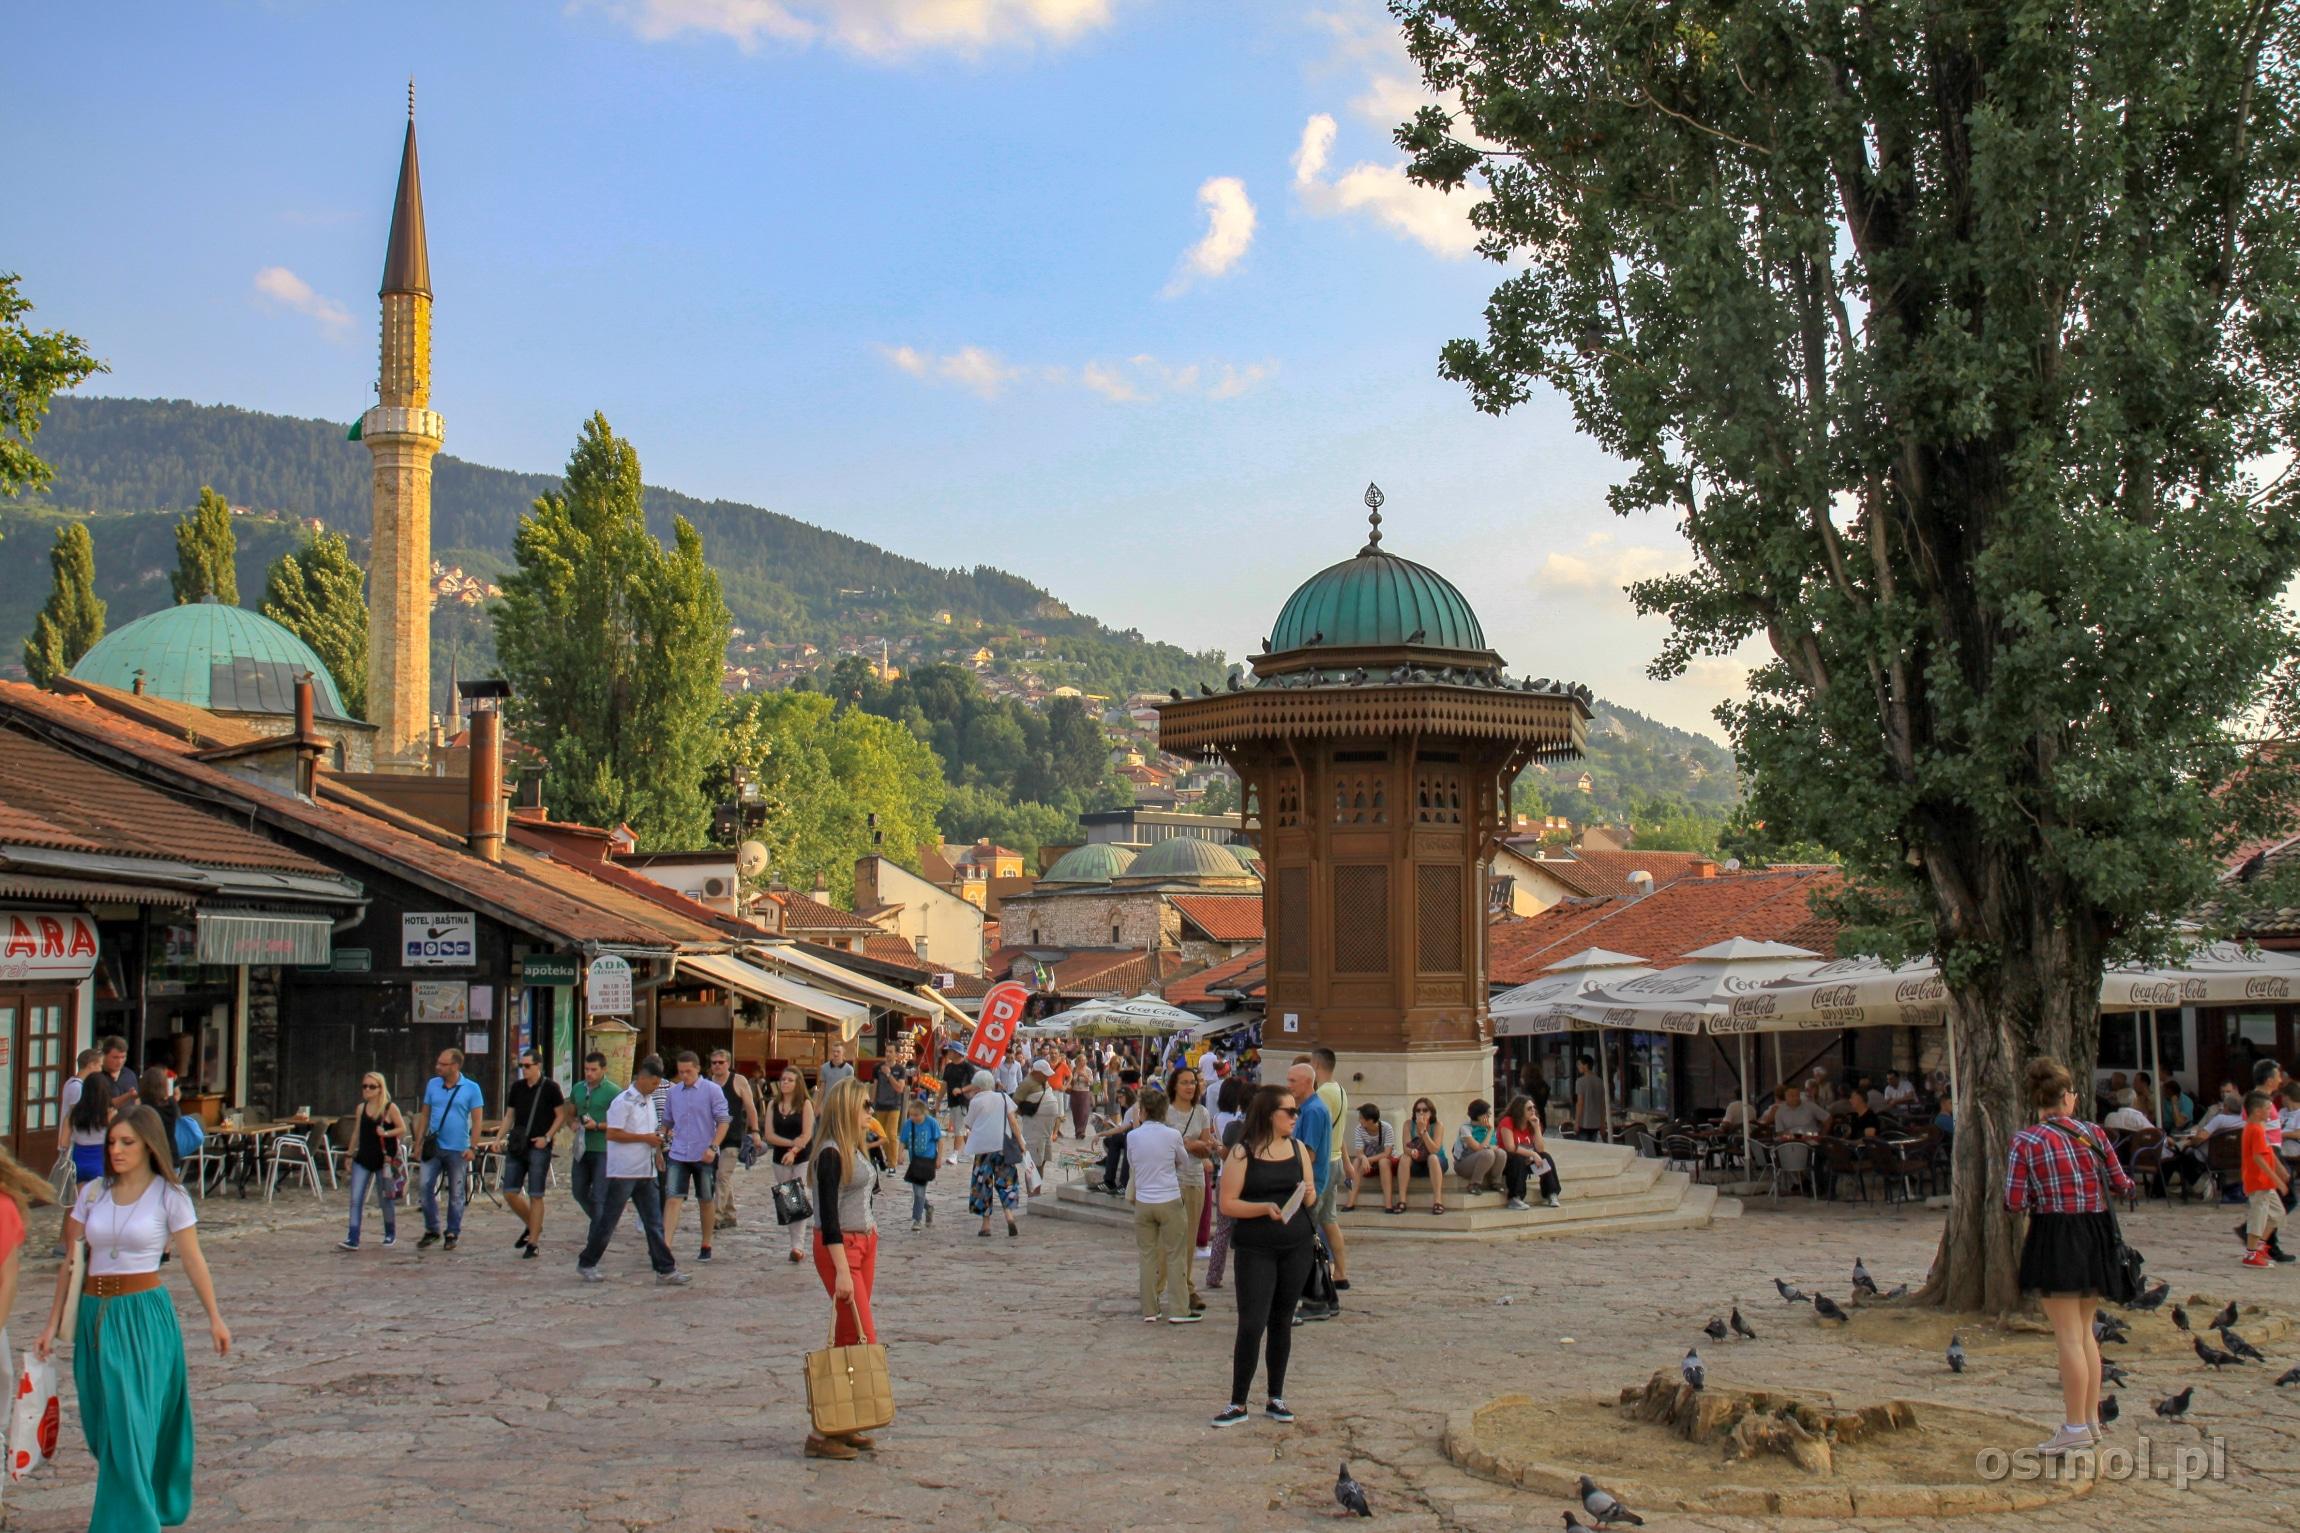 Sebilj czyli studnia w Sarajewie